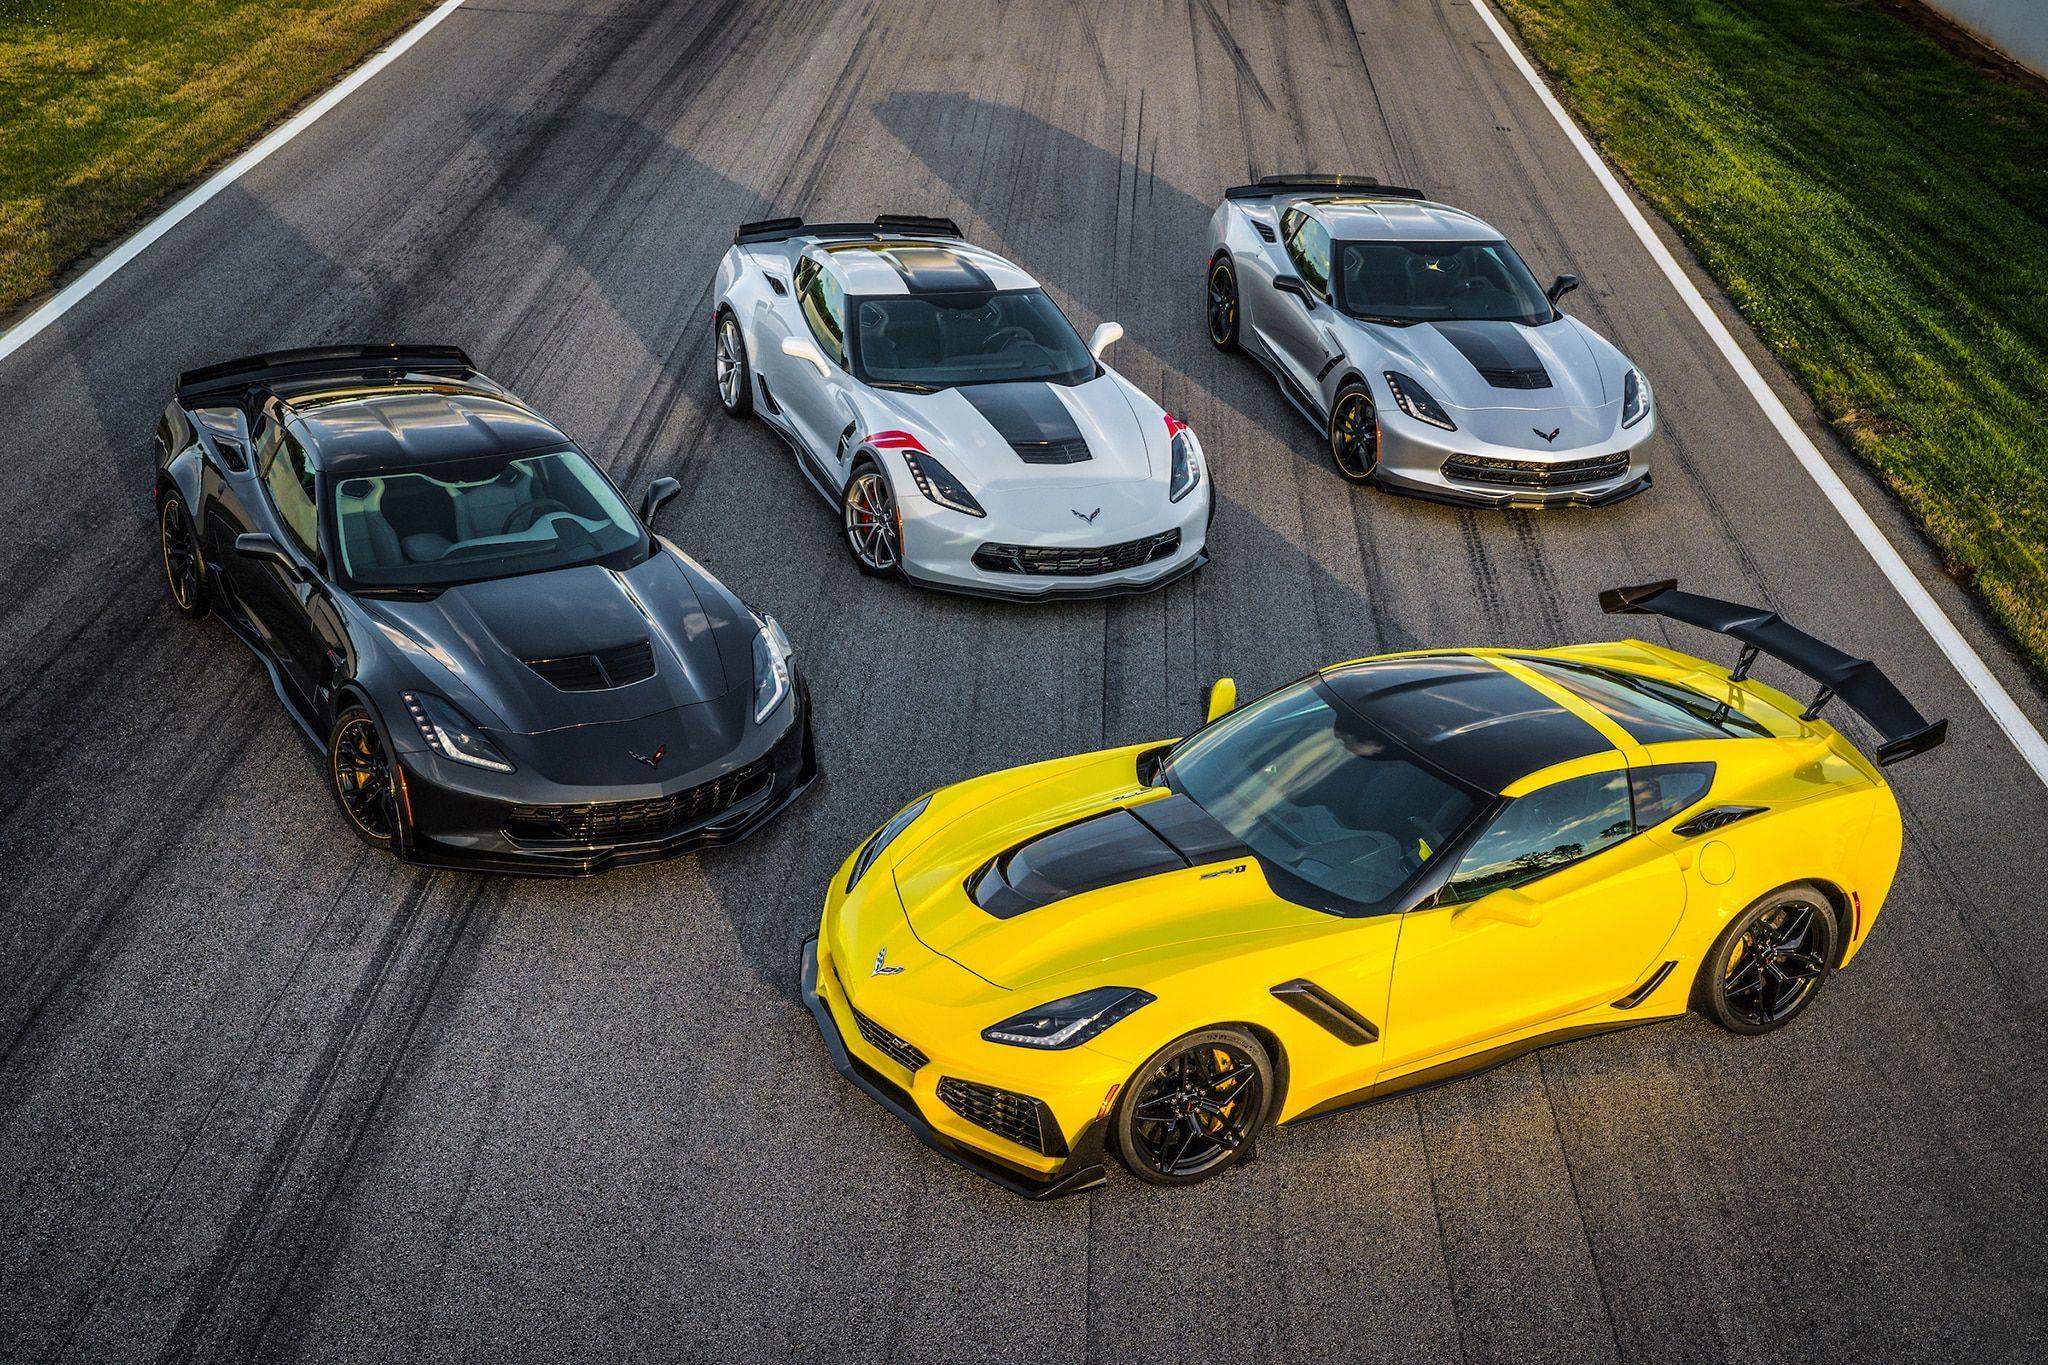 Image Result For Chevrolet Corvette Zr1 Vs Corvette Zr1